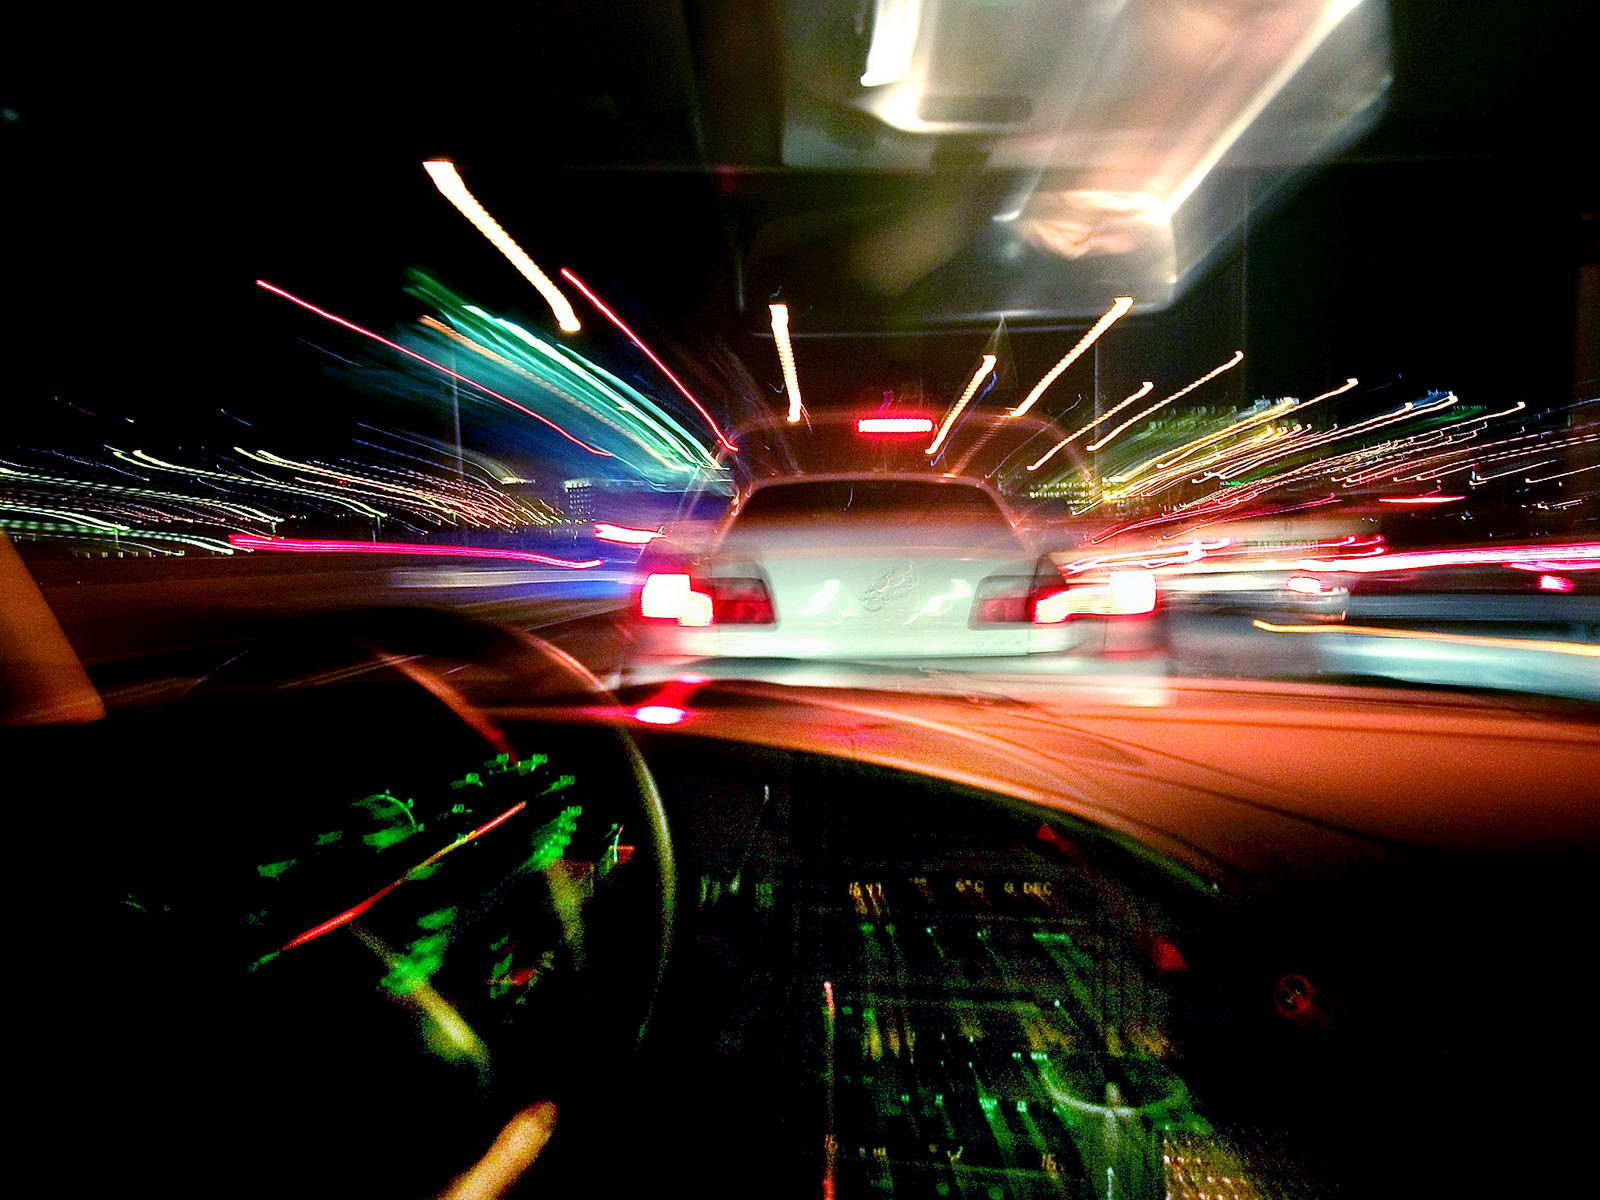 distracciones_al_volante_01